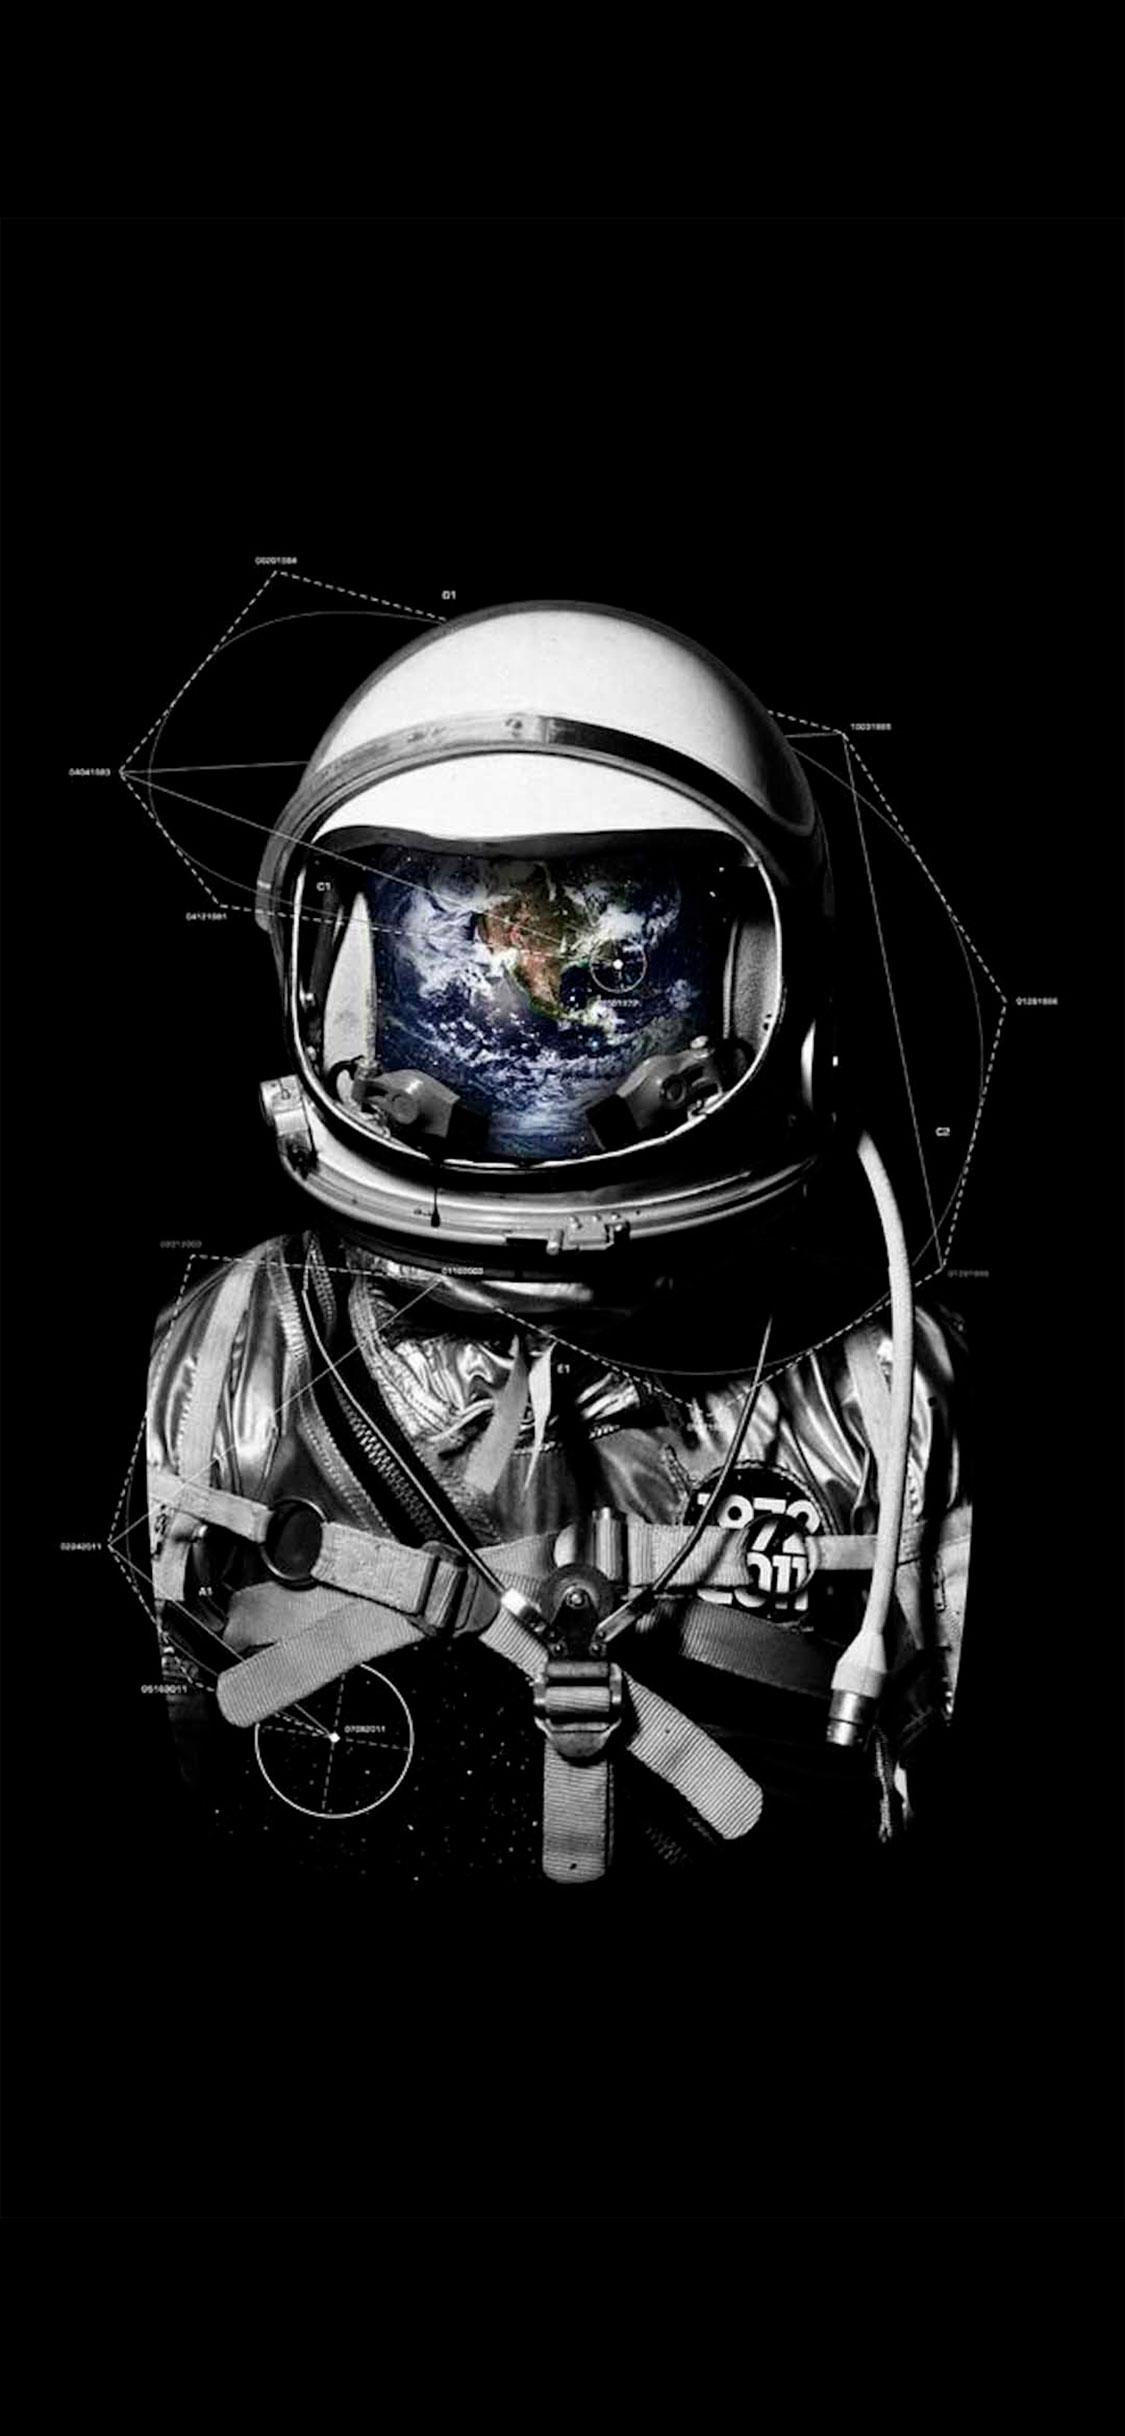 Iphone 5 Wallpaper Astronaut